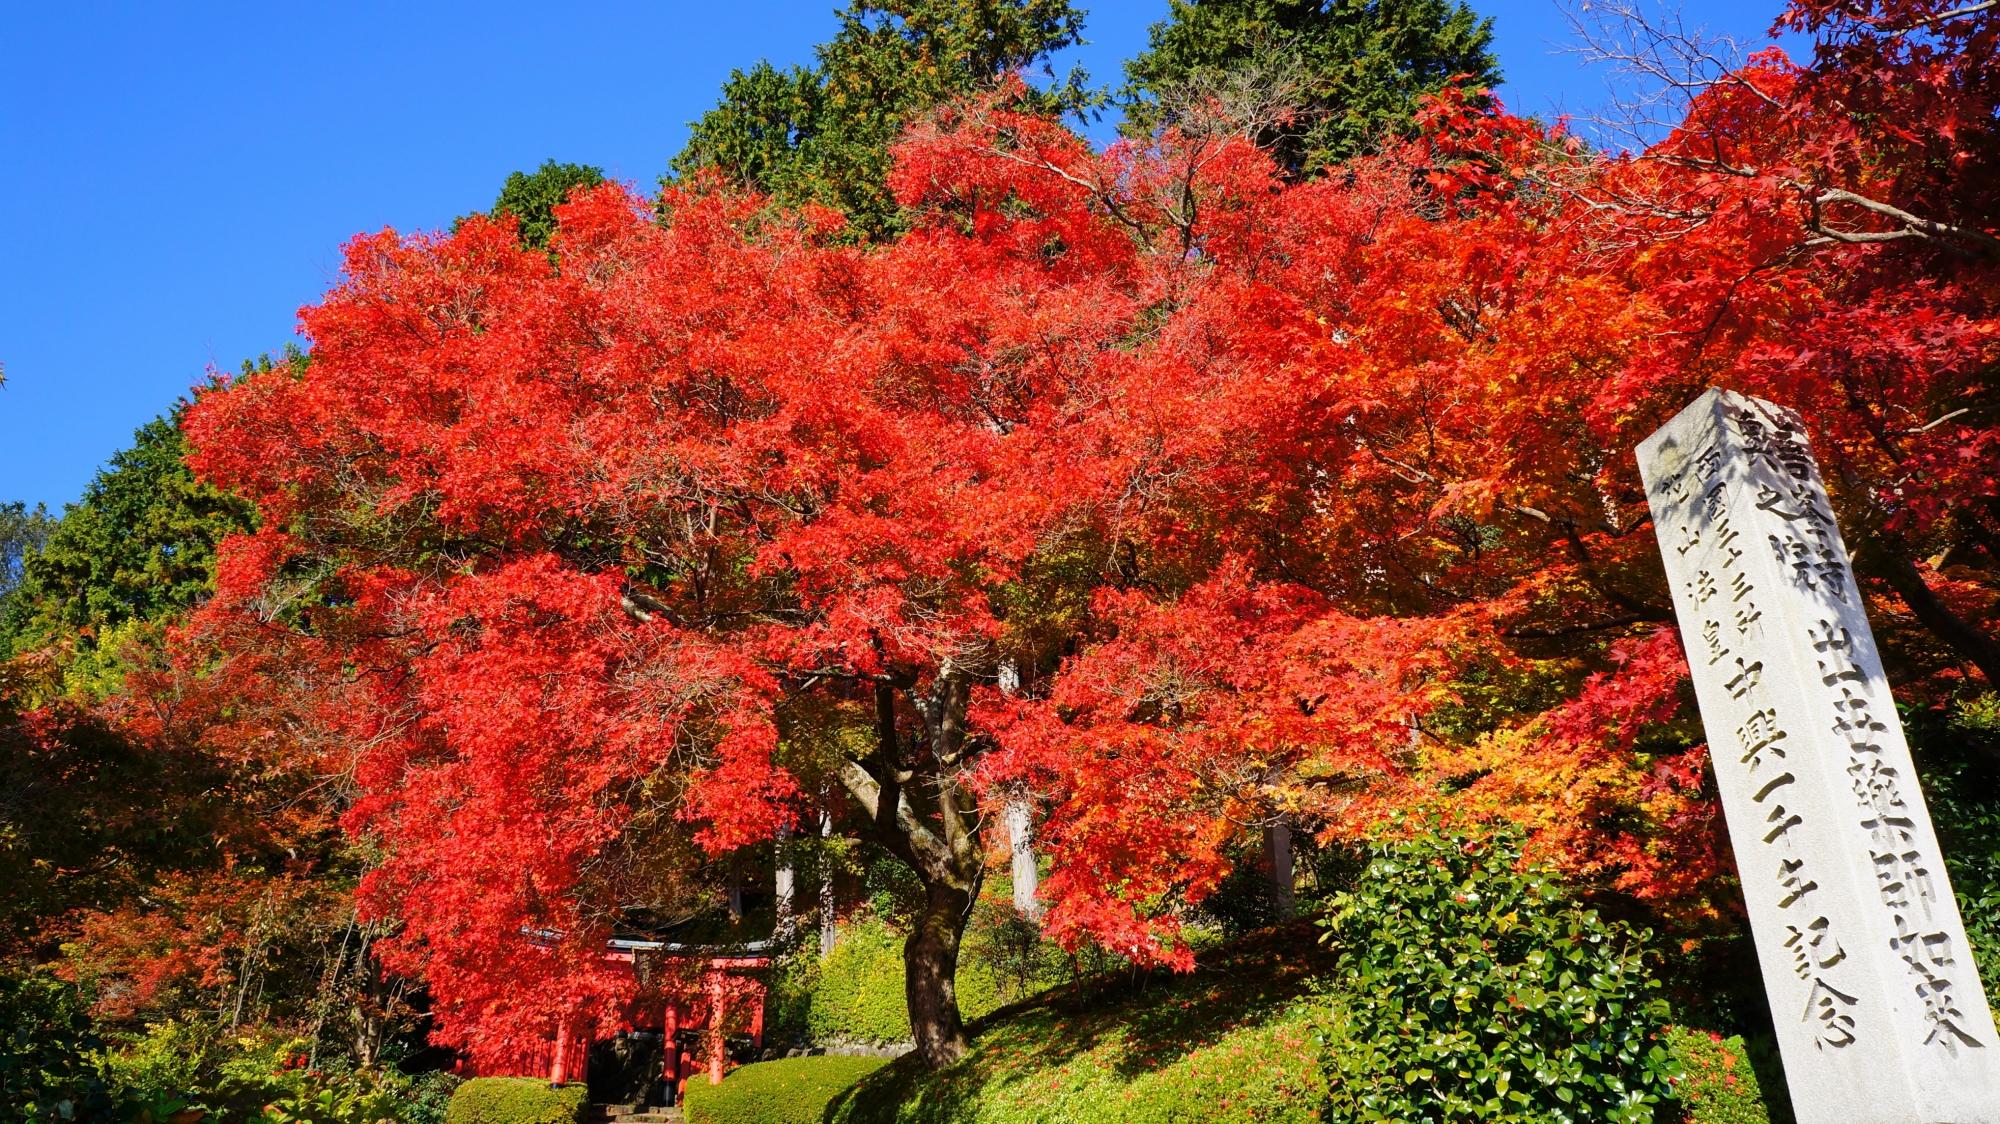 善峯寺の稲荷社の真っ赤な紅葉